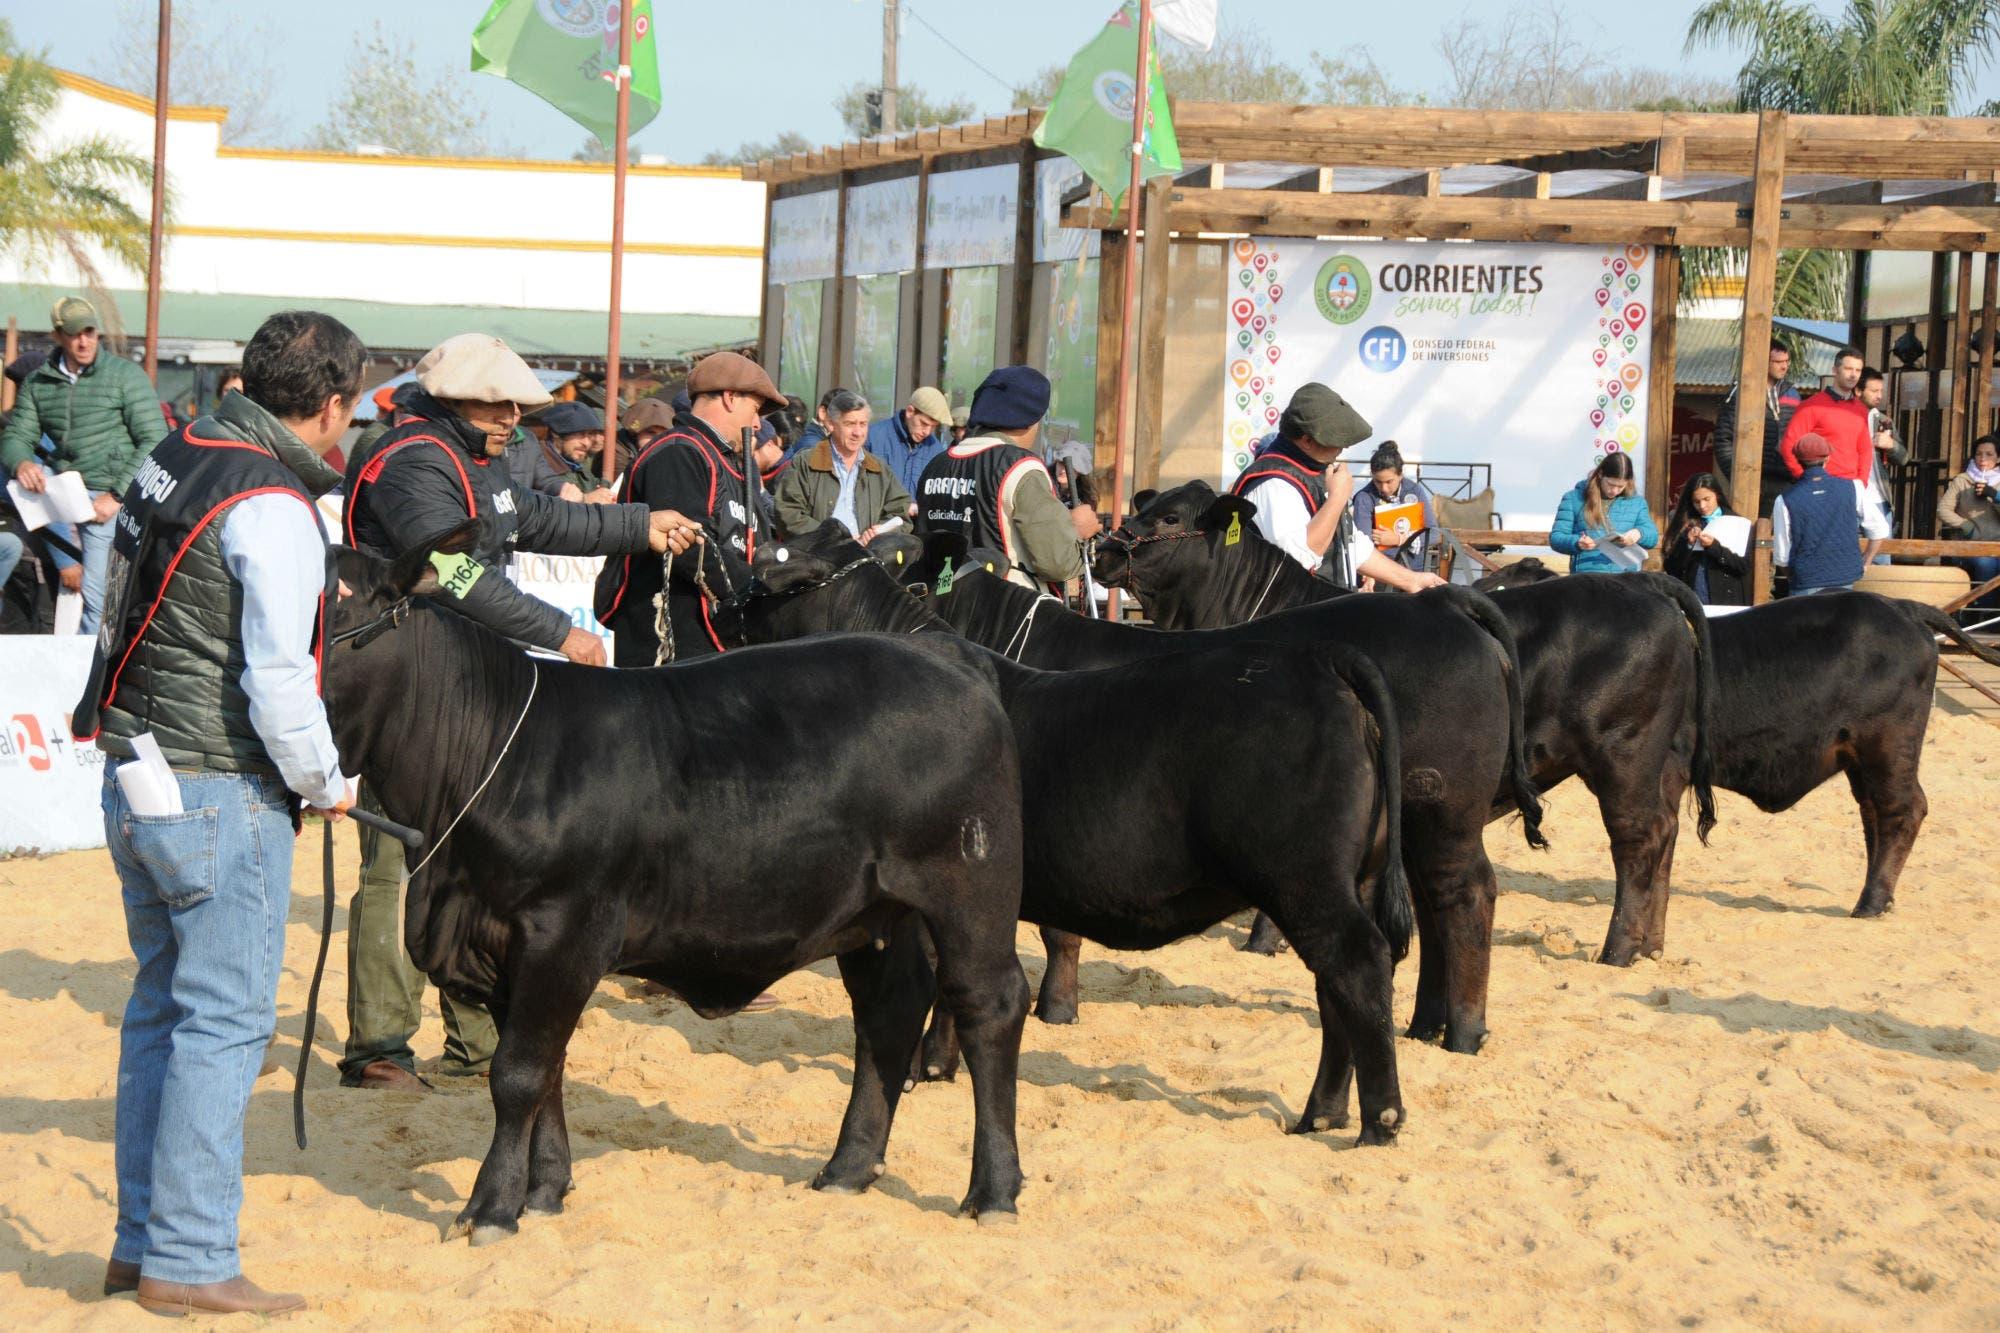 Expoagro en La Rural de Corrientes. Fuerte apuesta por el negocio de todas las carnes